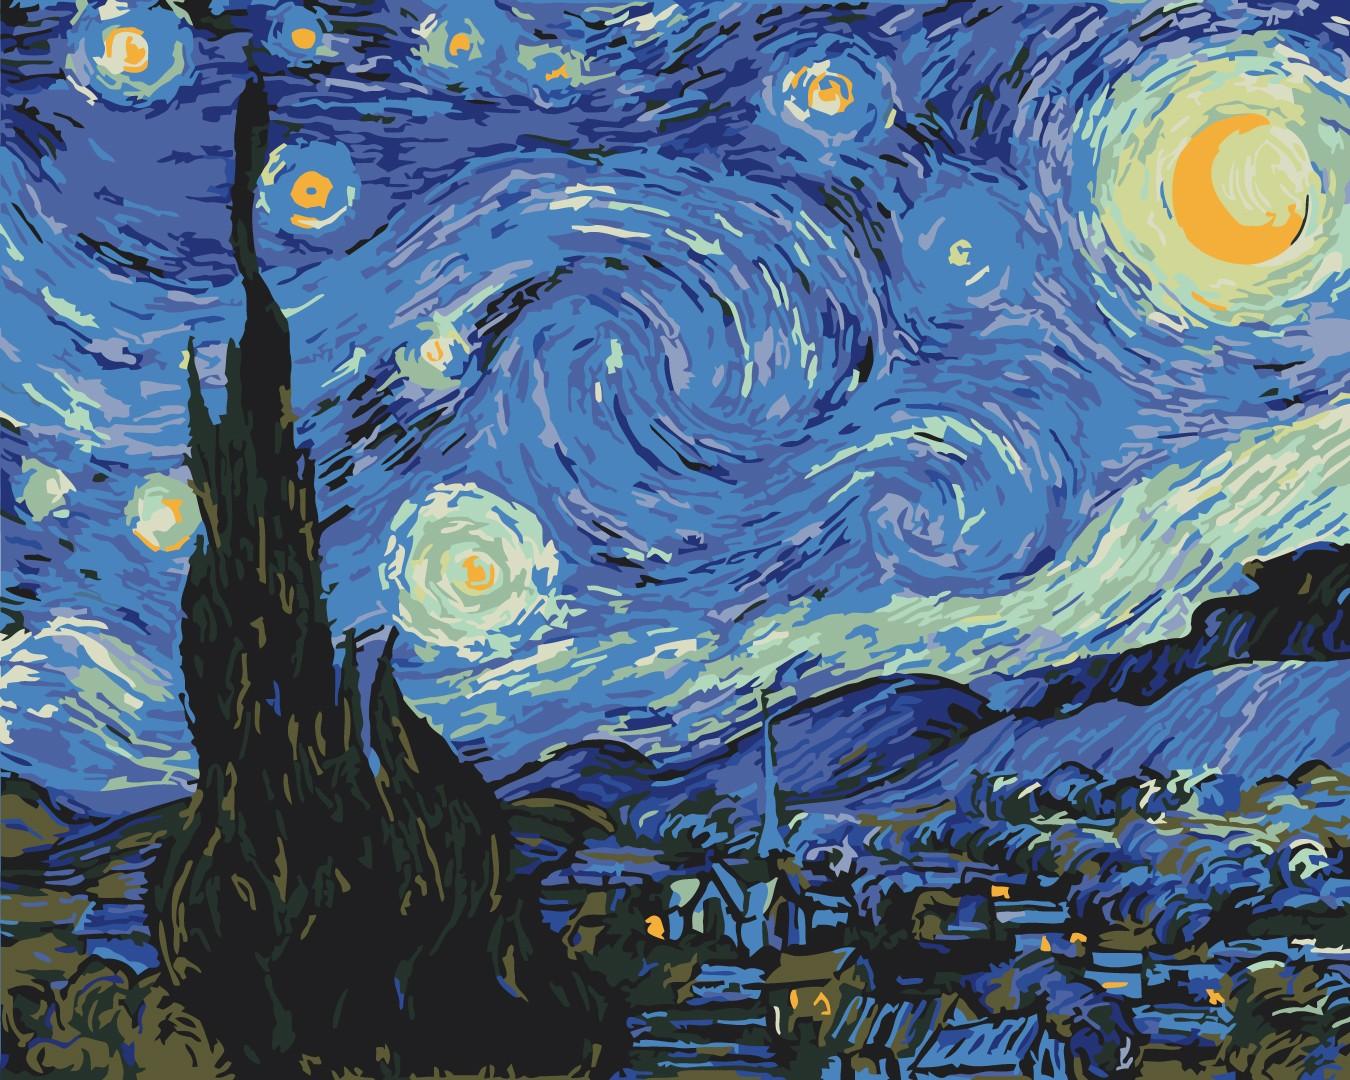 Картина за номерами Зоряна ніч | BS4756